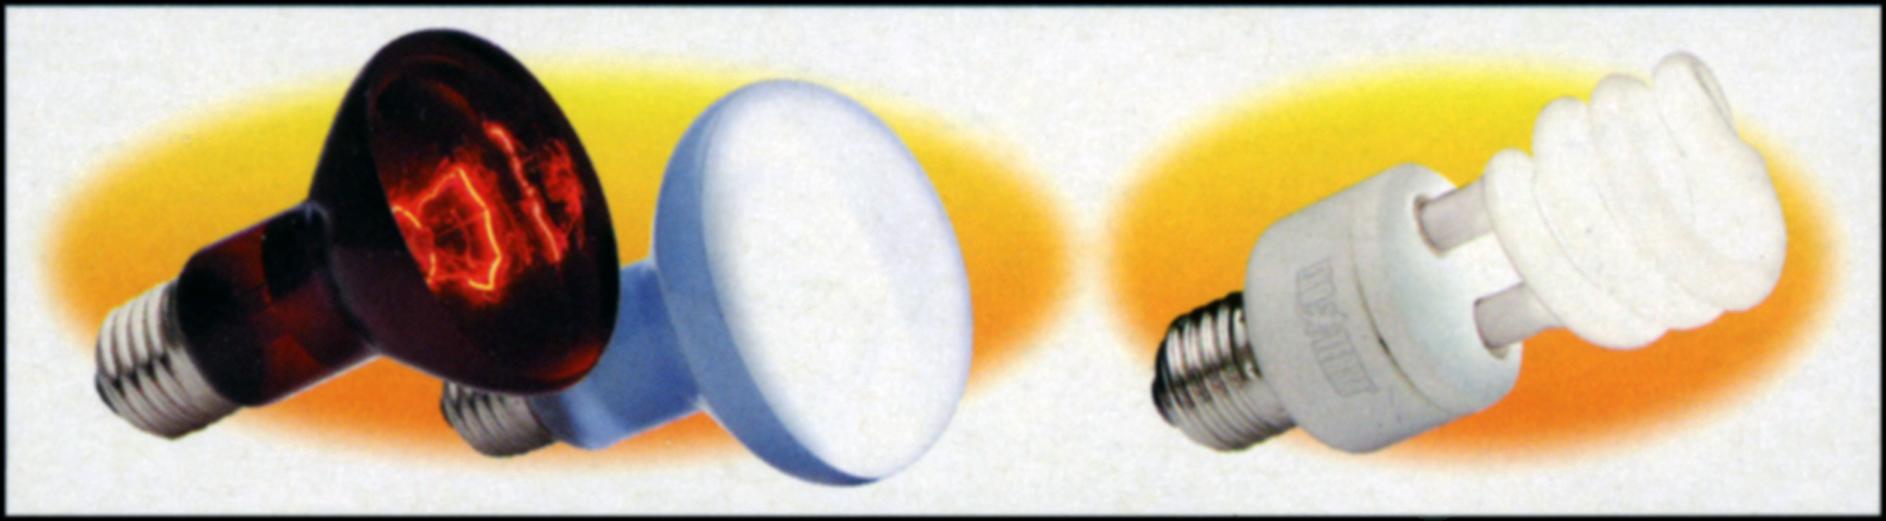 ライトドーム 白熱球・UV球(別売)の照射に